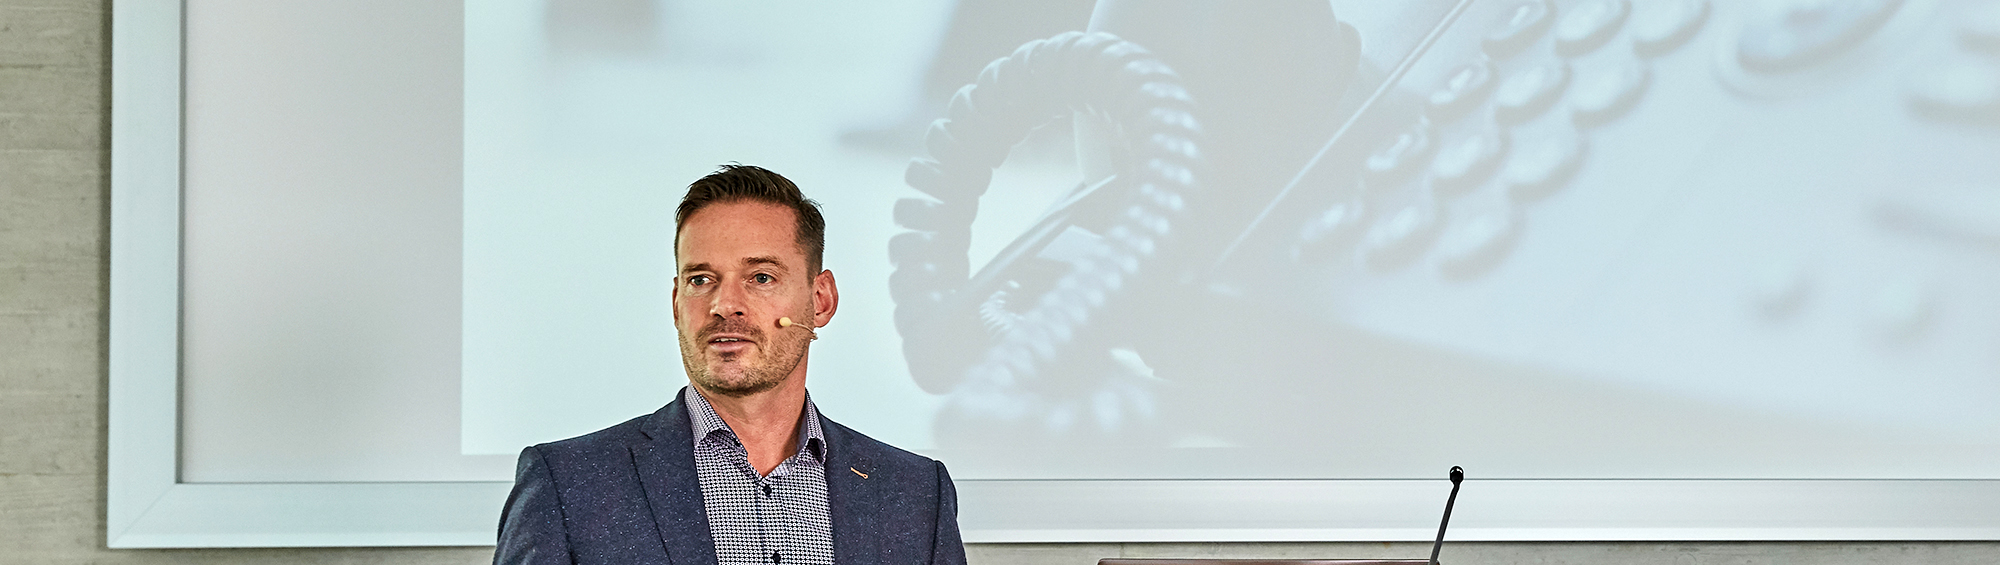 Oliver Schneider ist Keynote-Speaker, Autor und Trainer für Führungskräfte